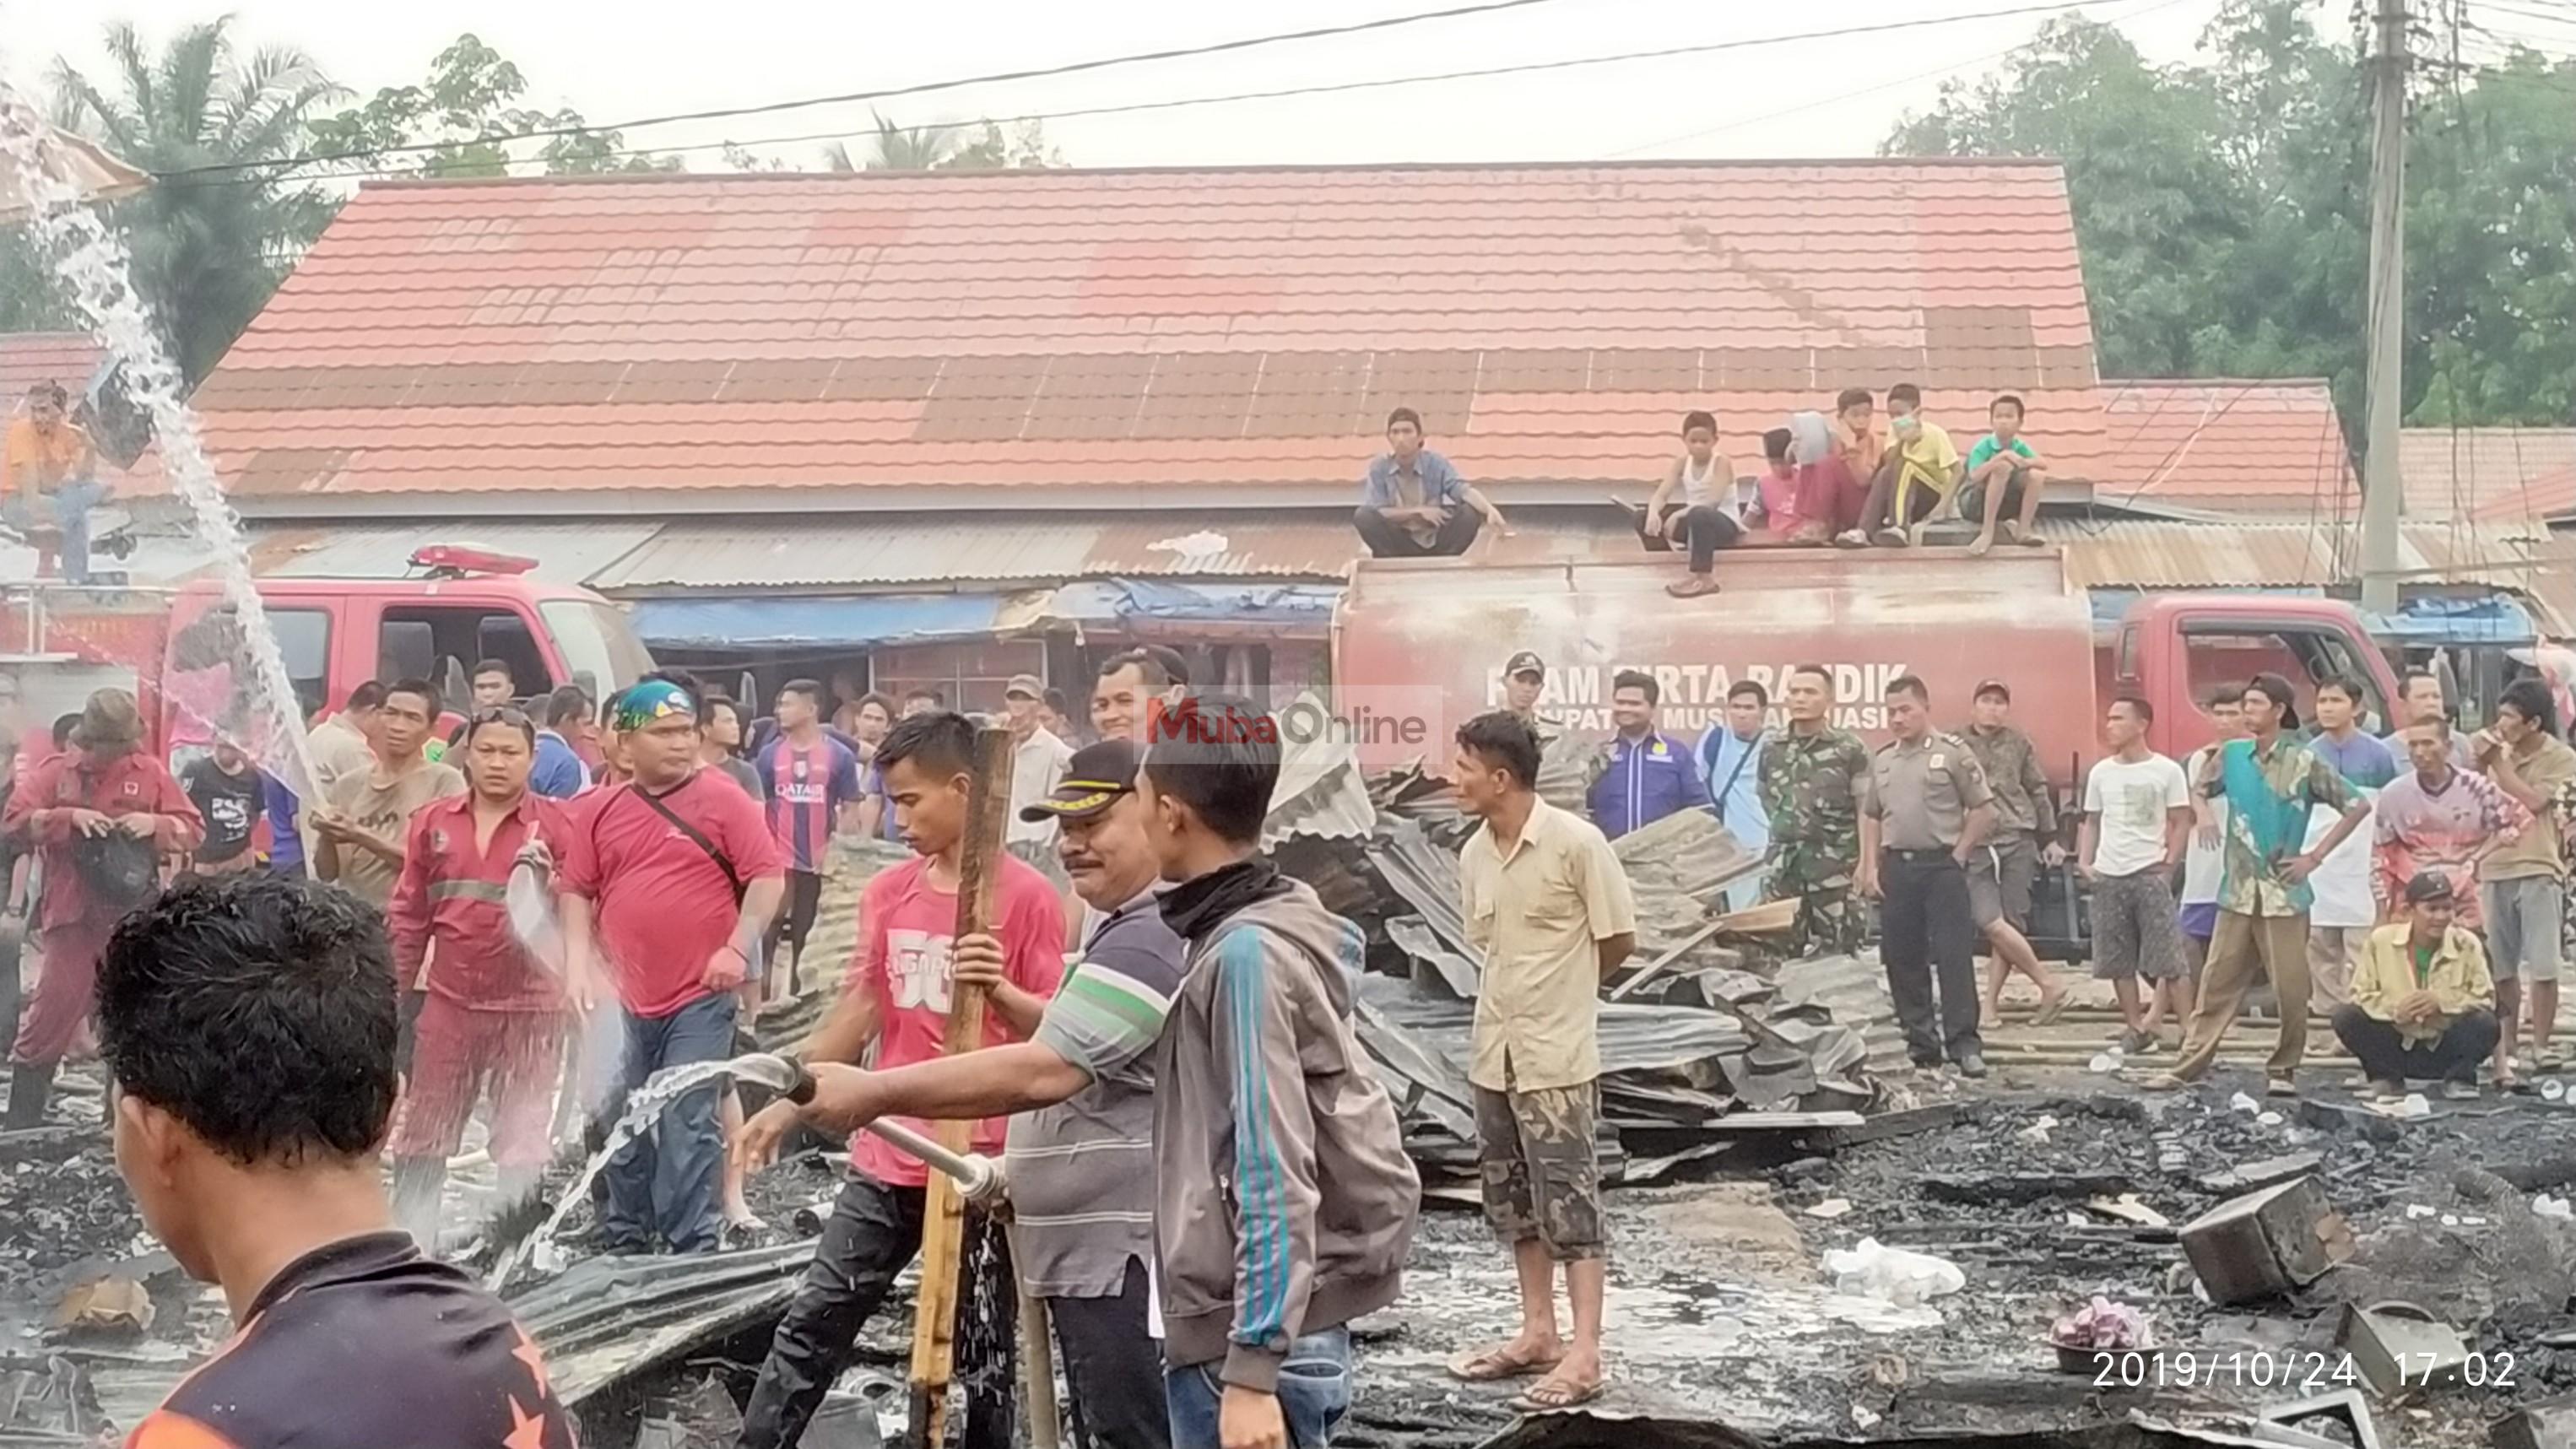 bukan-tugas-pokoknya-ikut-campur-tangani-kebakaran-pasar-baru-bayung-lencir-muba190o01571974539.jpg